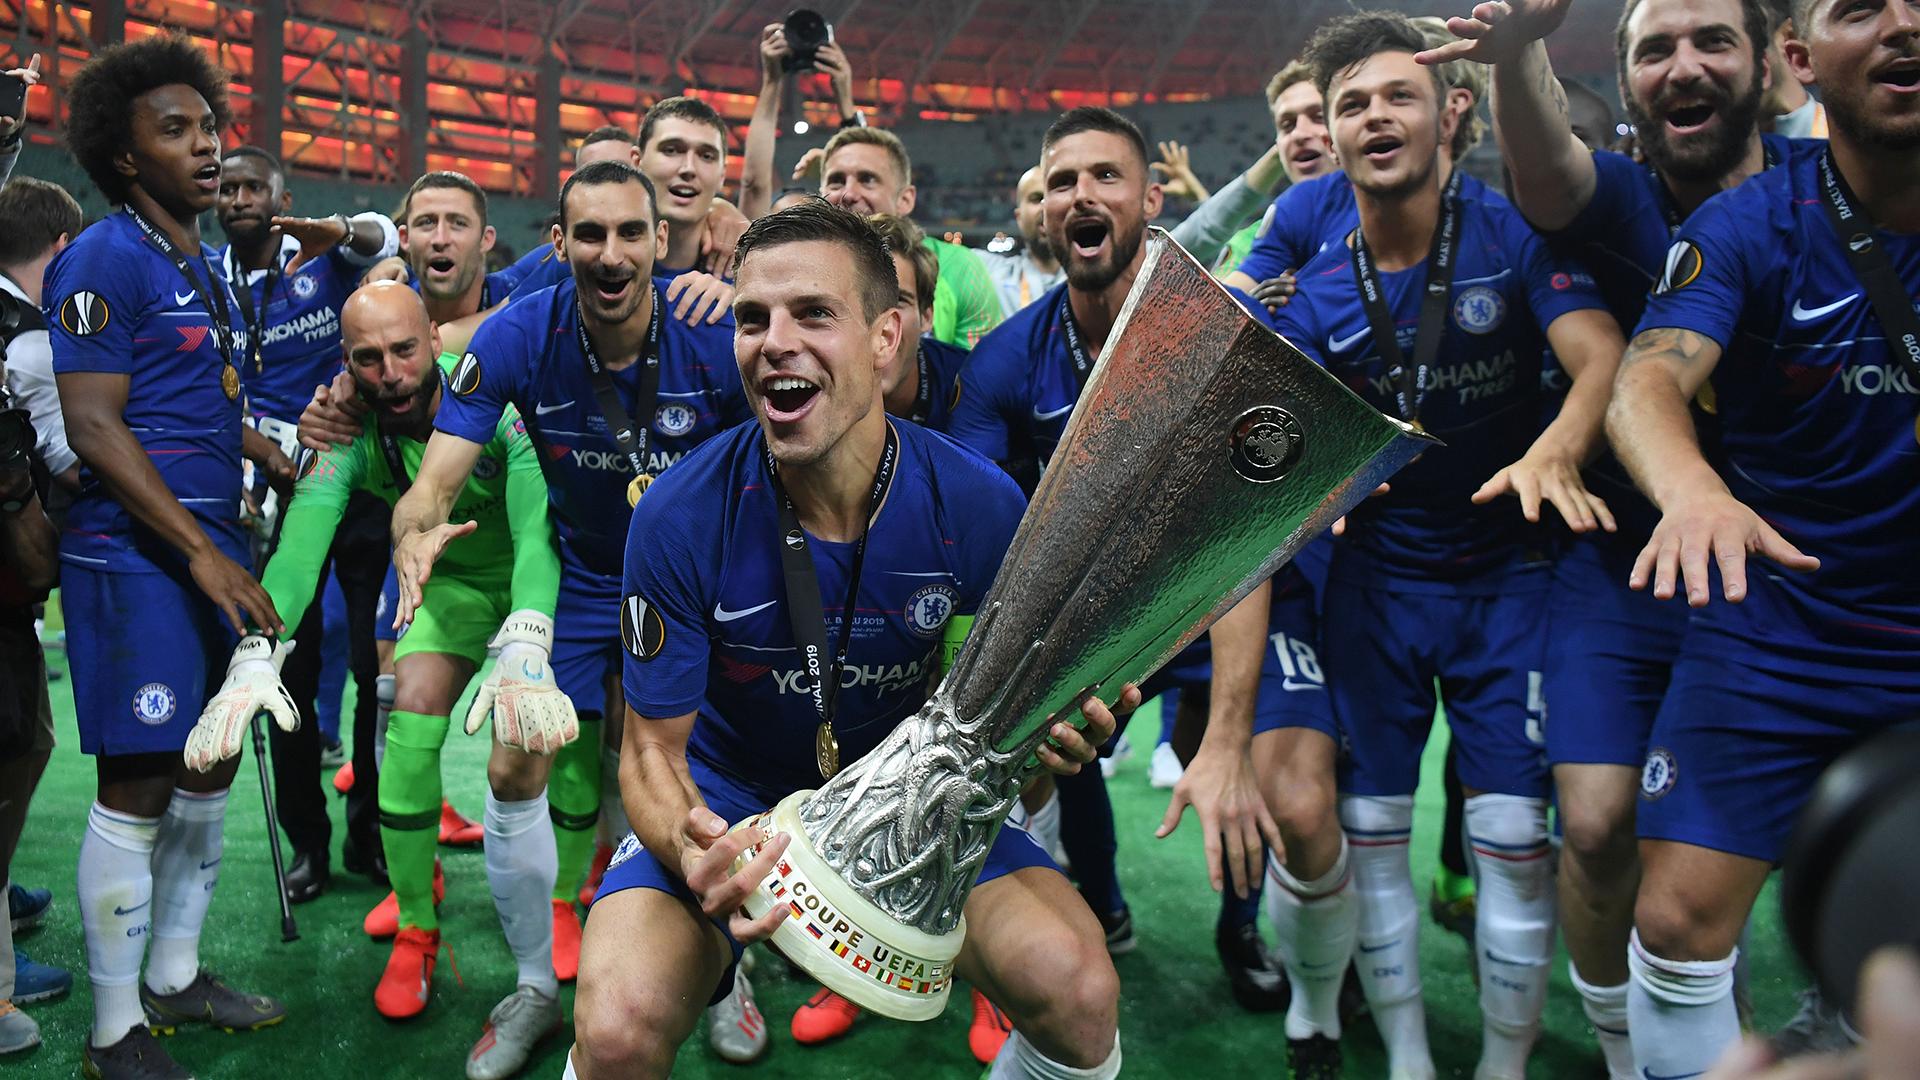 how much money do the europa league 2019 20 winners get goal com https www goal com en news how much money do europa league 2019 20 winners get meutfpowb2kr1p757syy3cdzk